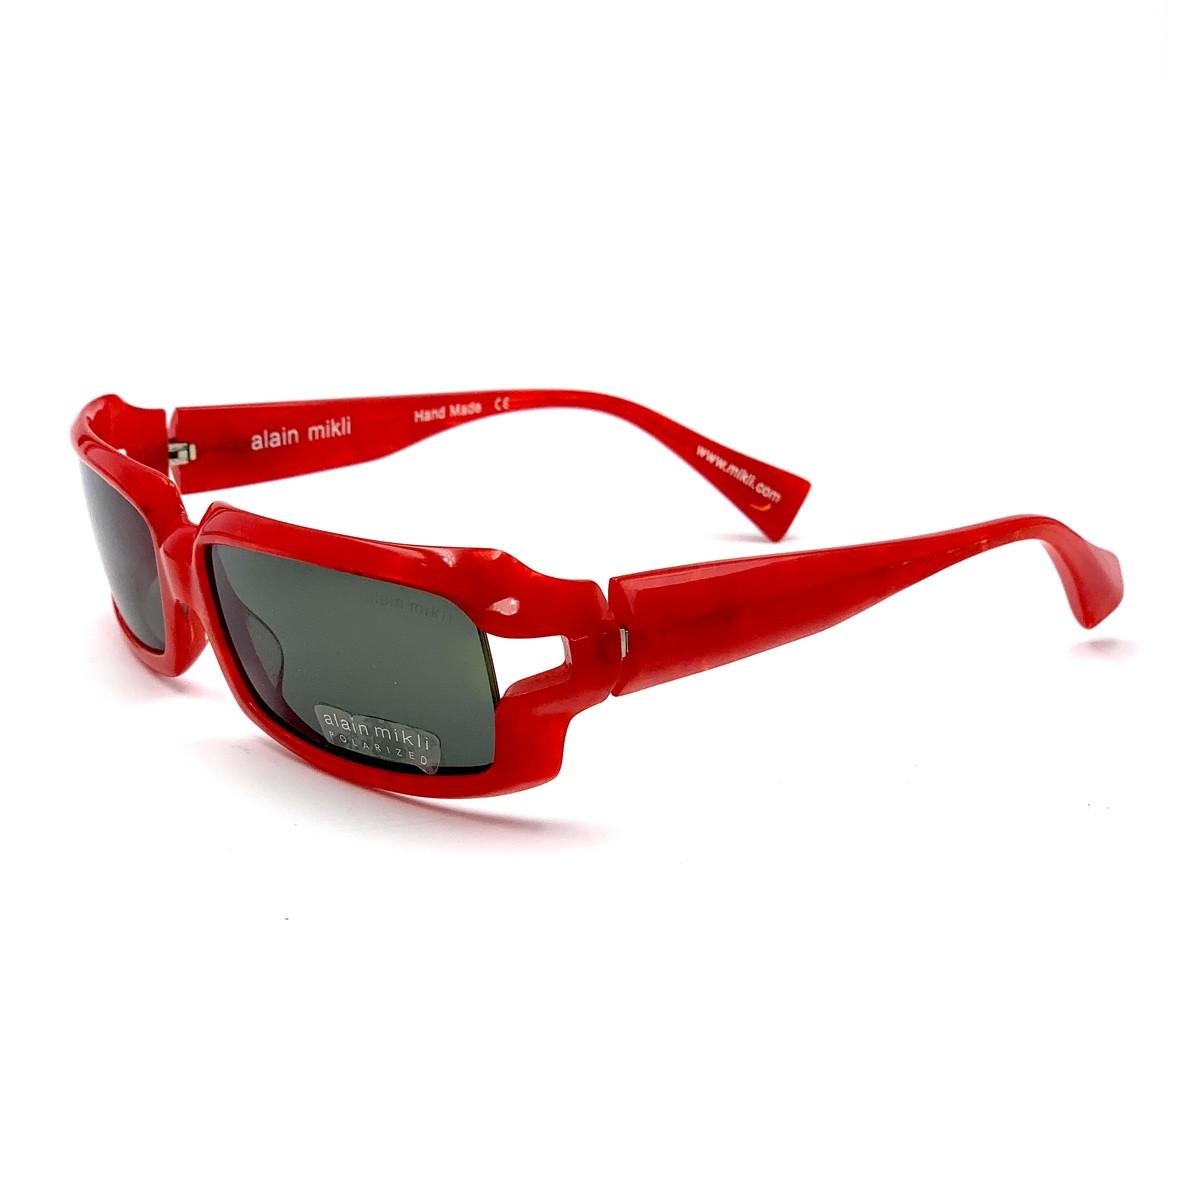 Alain Mikli A0488 | Unisex sunglasses